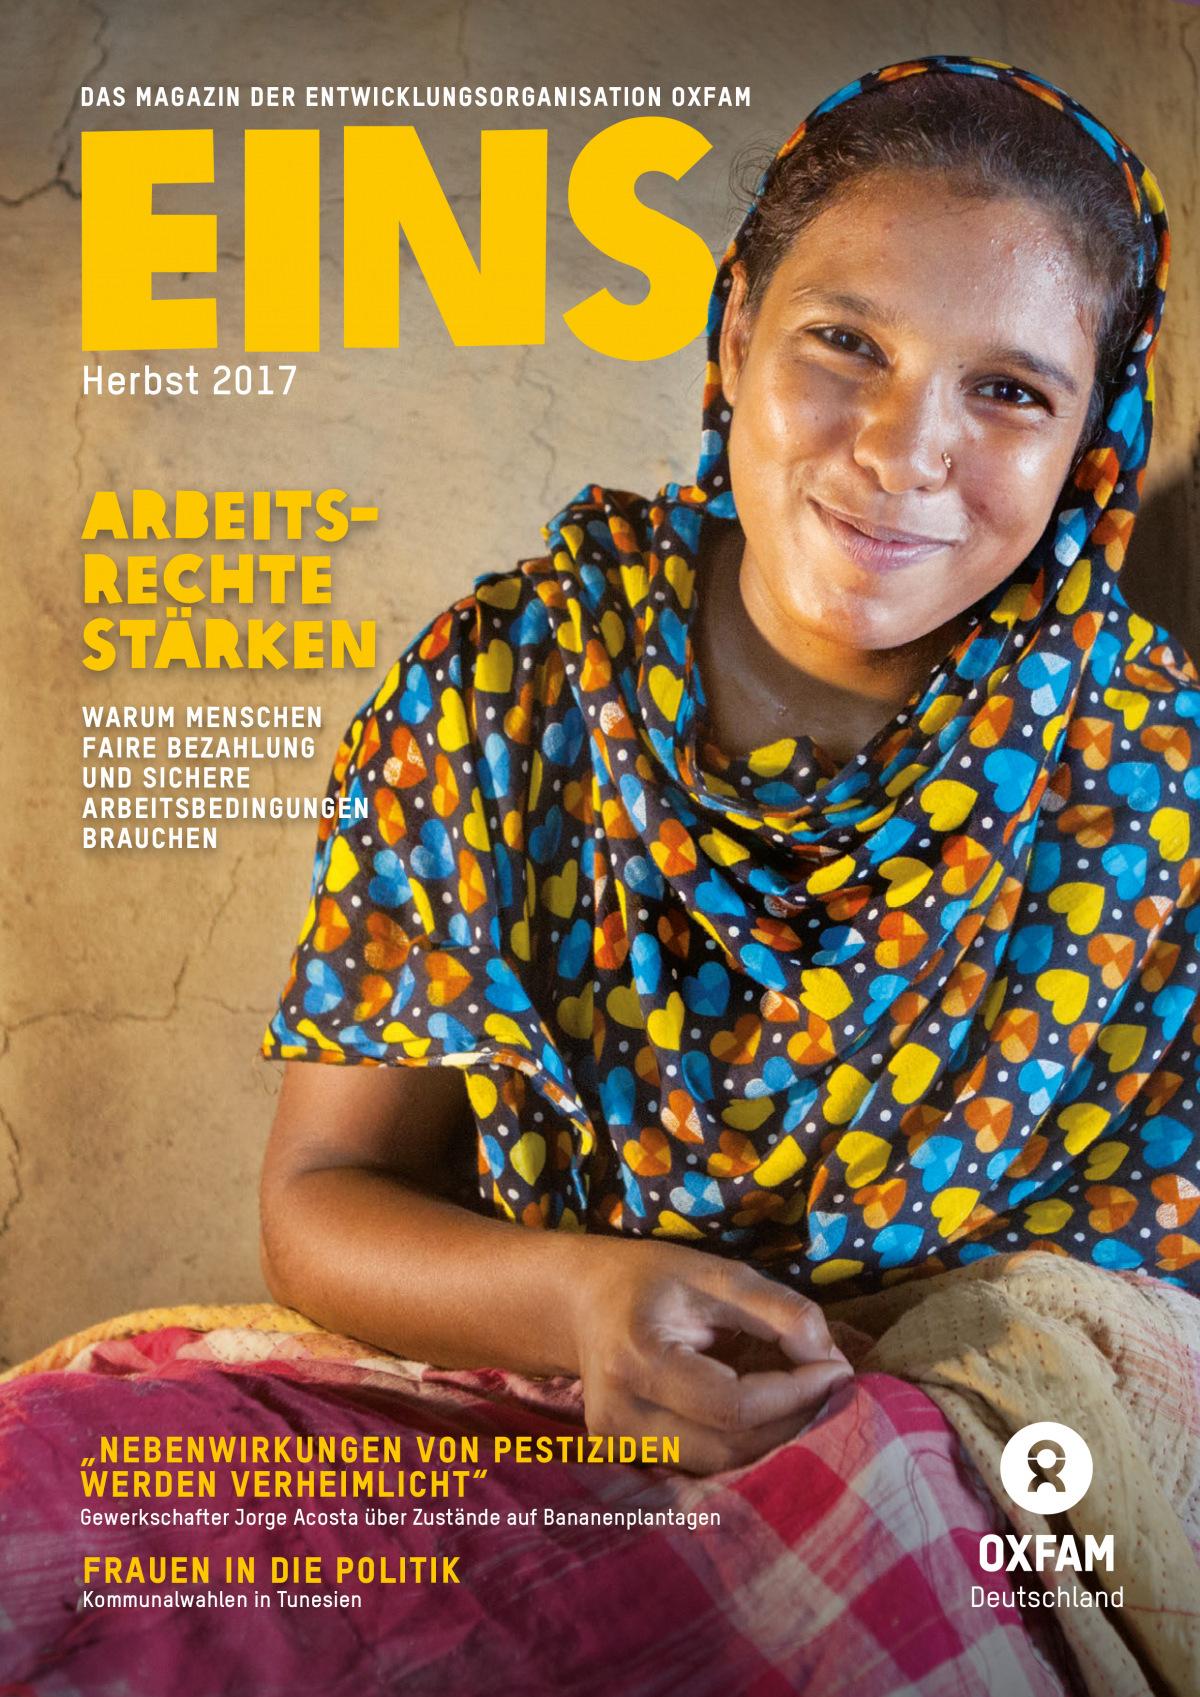 Titelbild vom Oxfam-Magazin EINS (Herbst 2017)